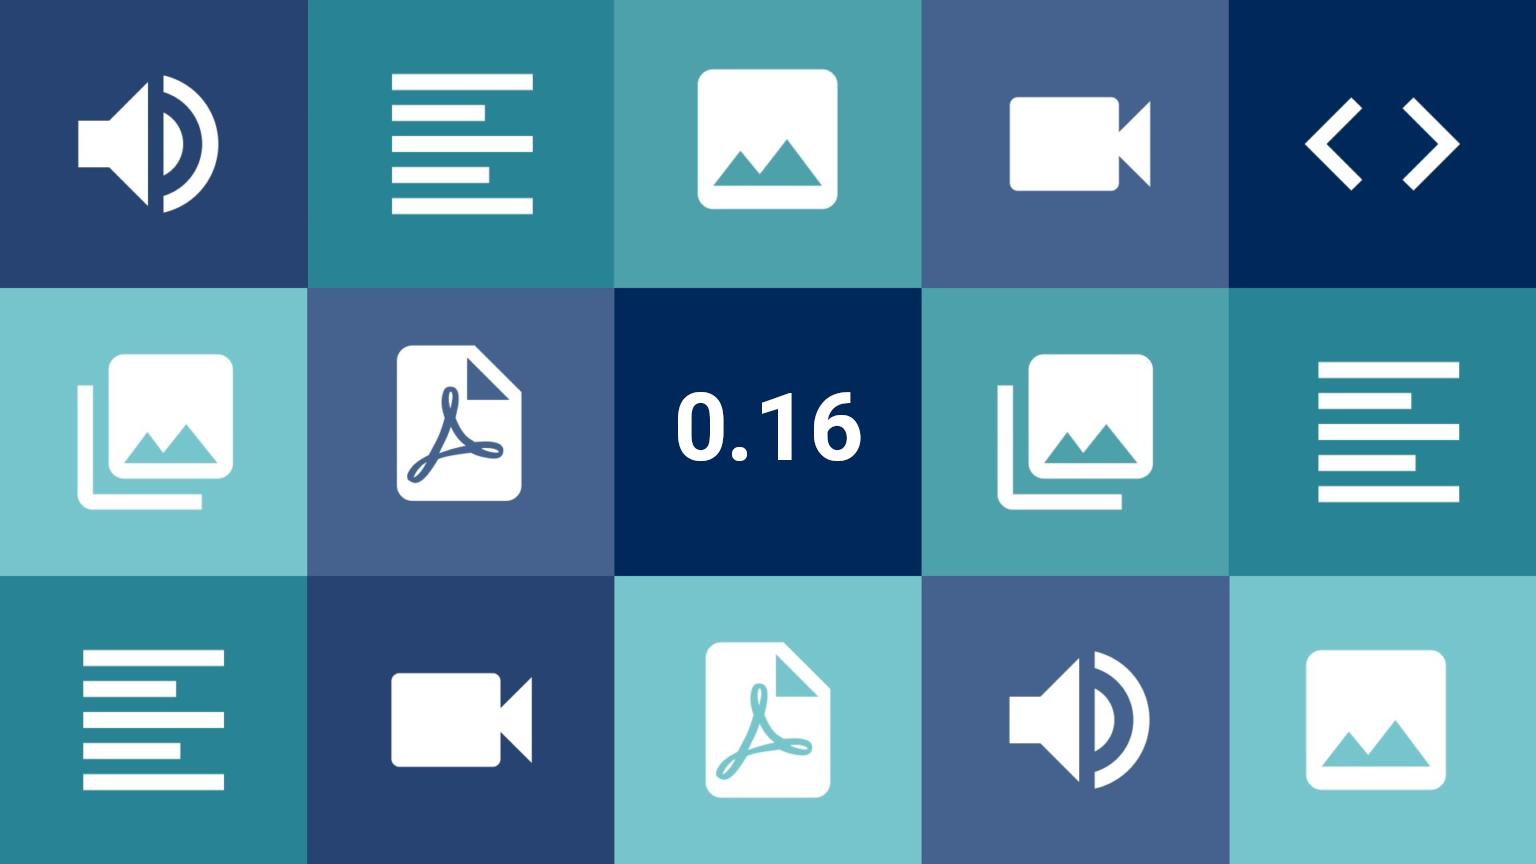 Capa de Lançamento da Versão 0.16